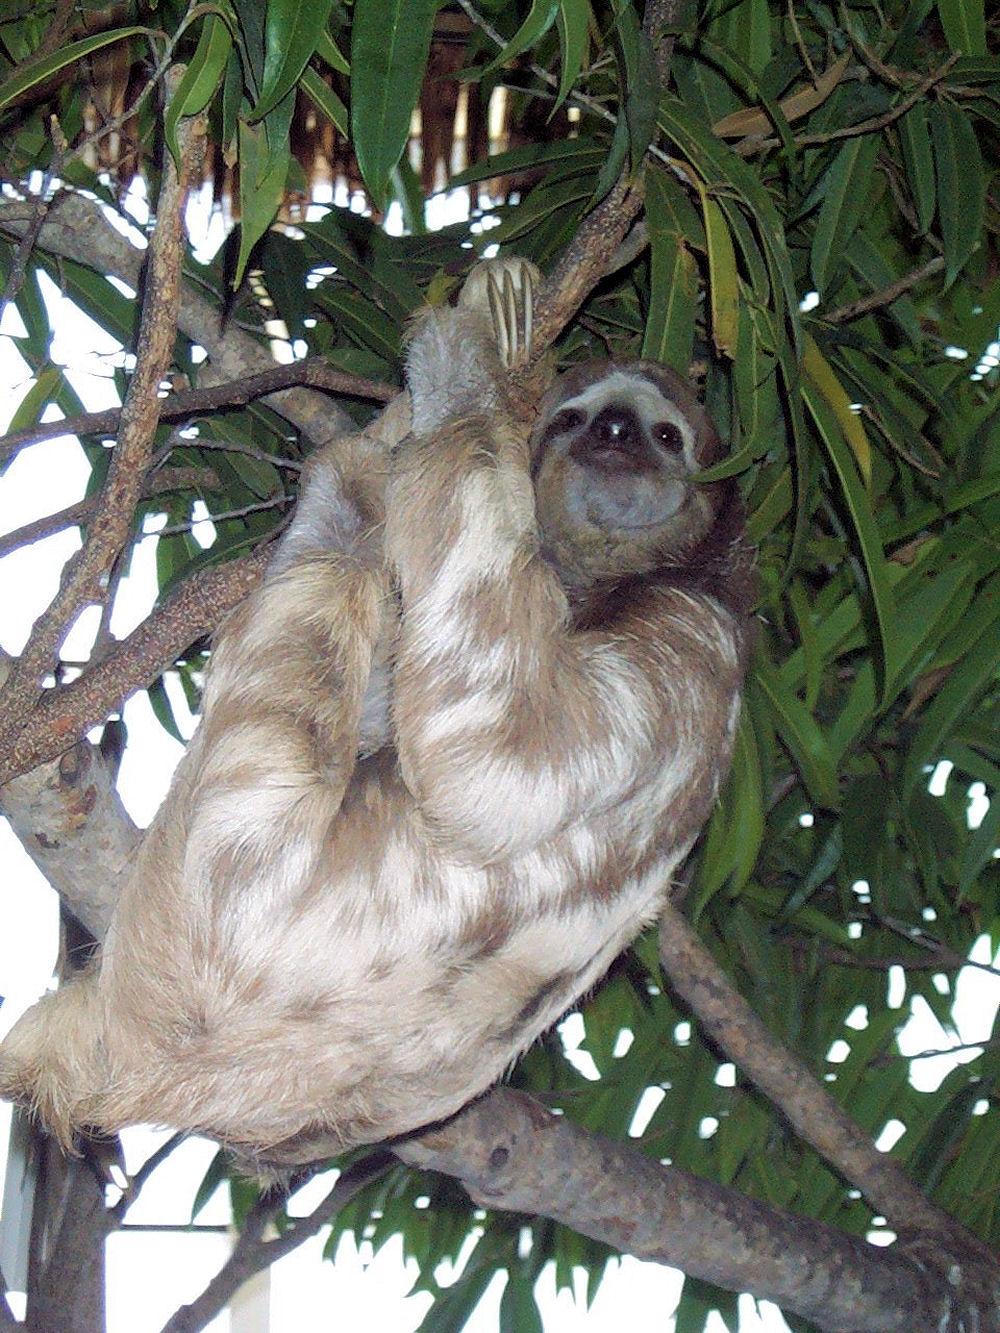 3-toed Sloth  at the  Dallas World Aquarium